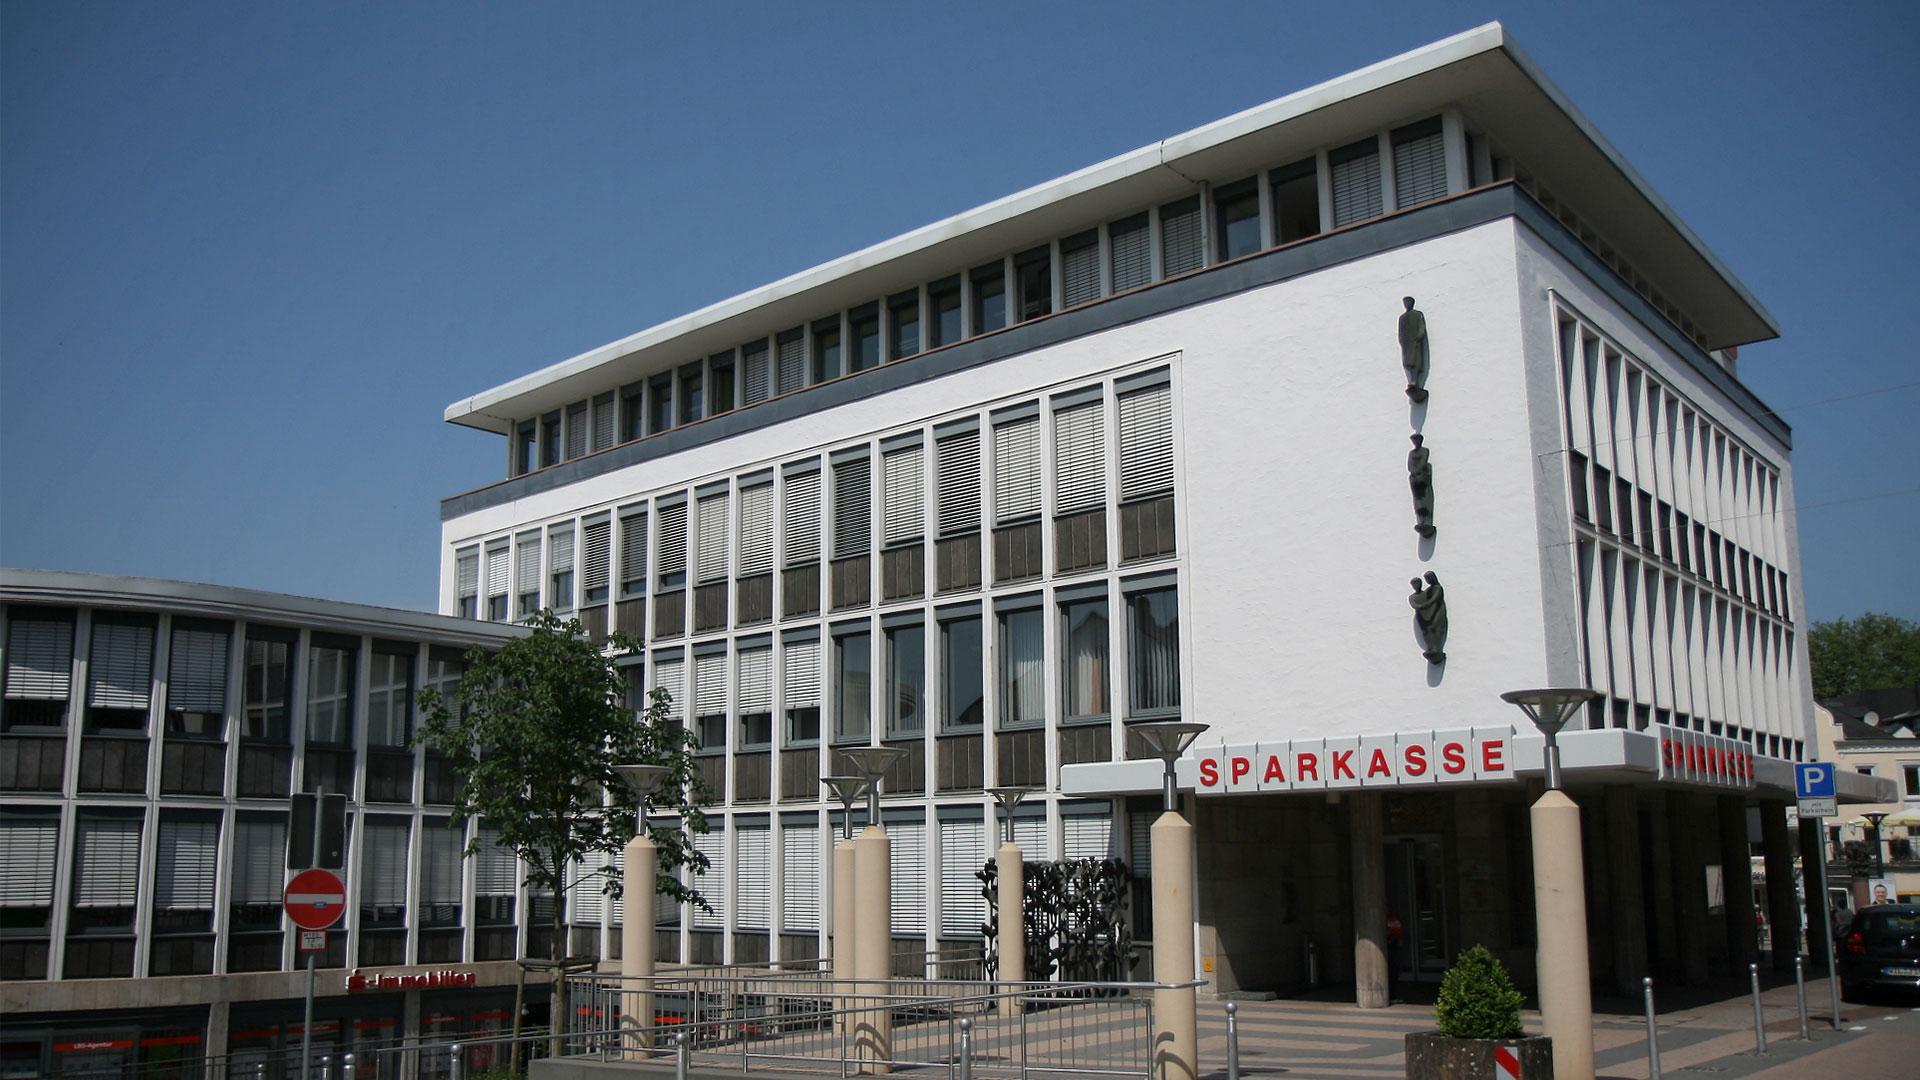 Sparkasse Mittelmosel - Eifel Mosel Hunsrück